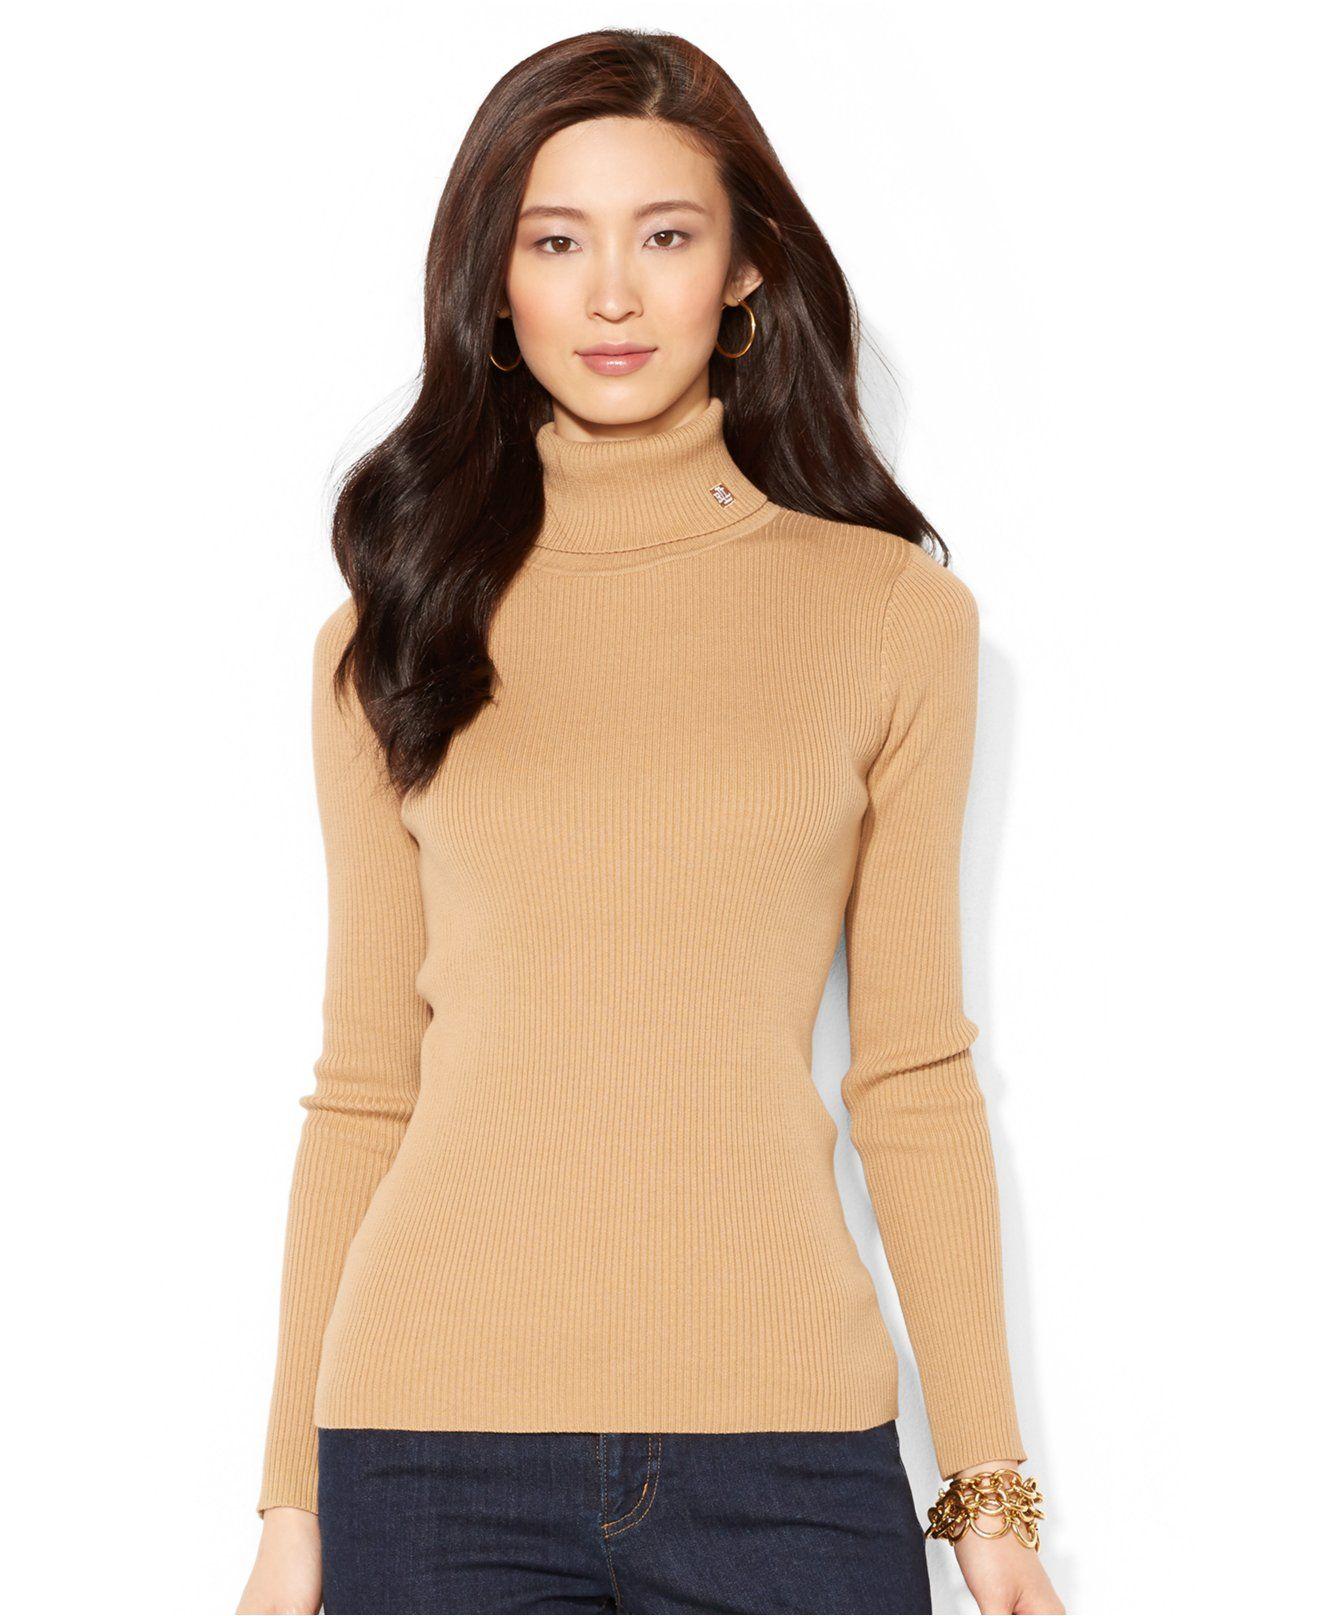 603a7d078c0 Lauren Ralph Lauren Long-Sleeve Turtleneck Sweater - Sweaters - Women -  Macy s